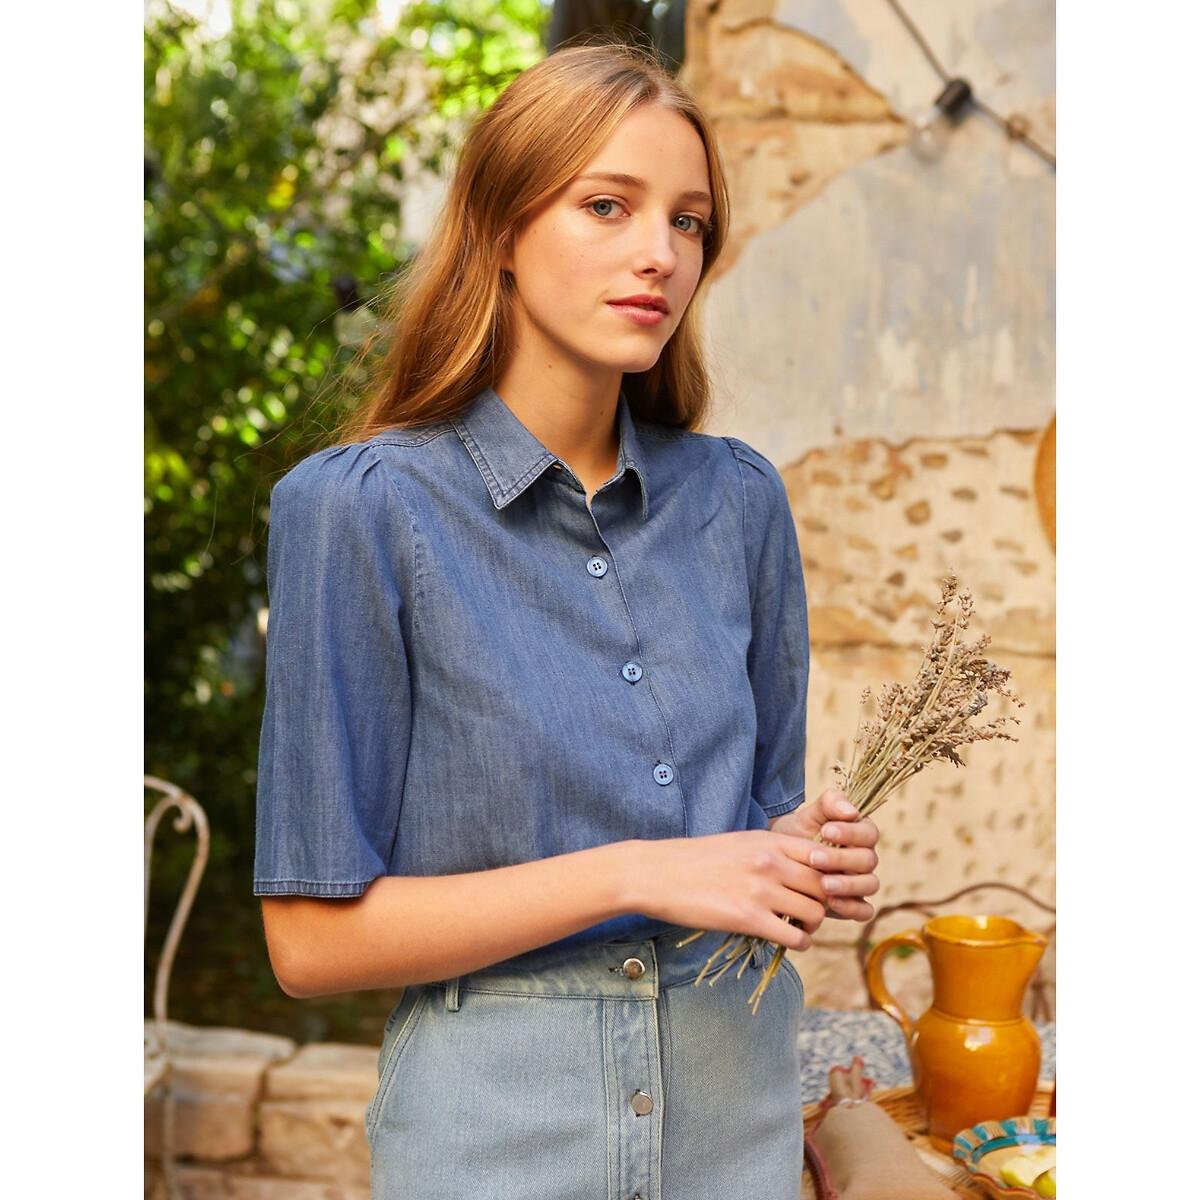 Рубашка La Redoute Джинсовая с короткими рукавами LEONOR S синий цена 2017